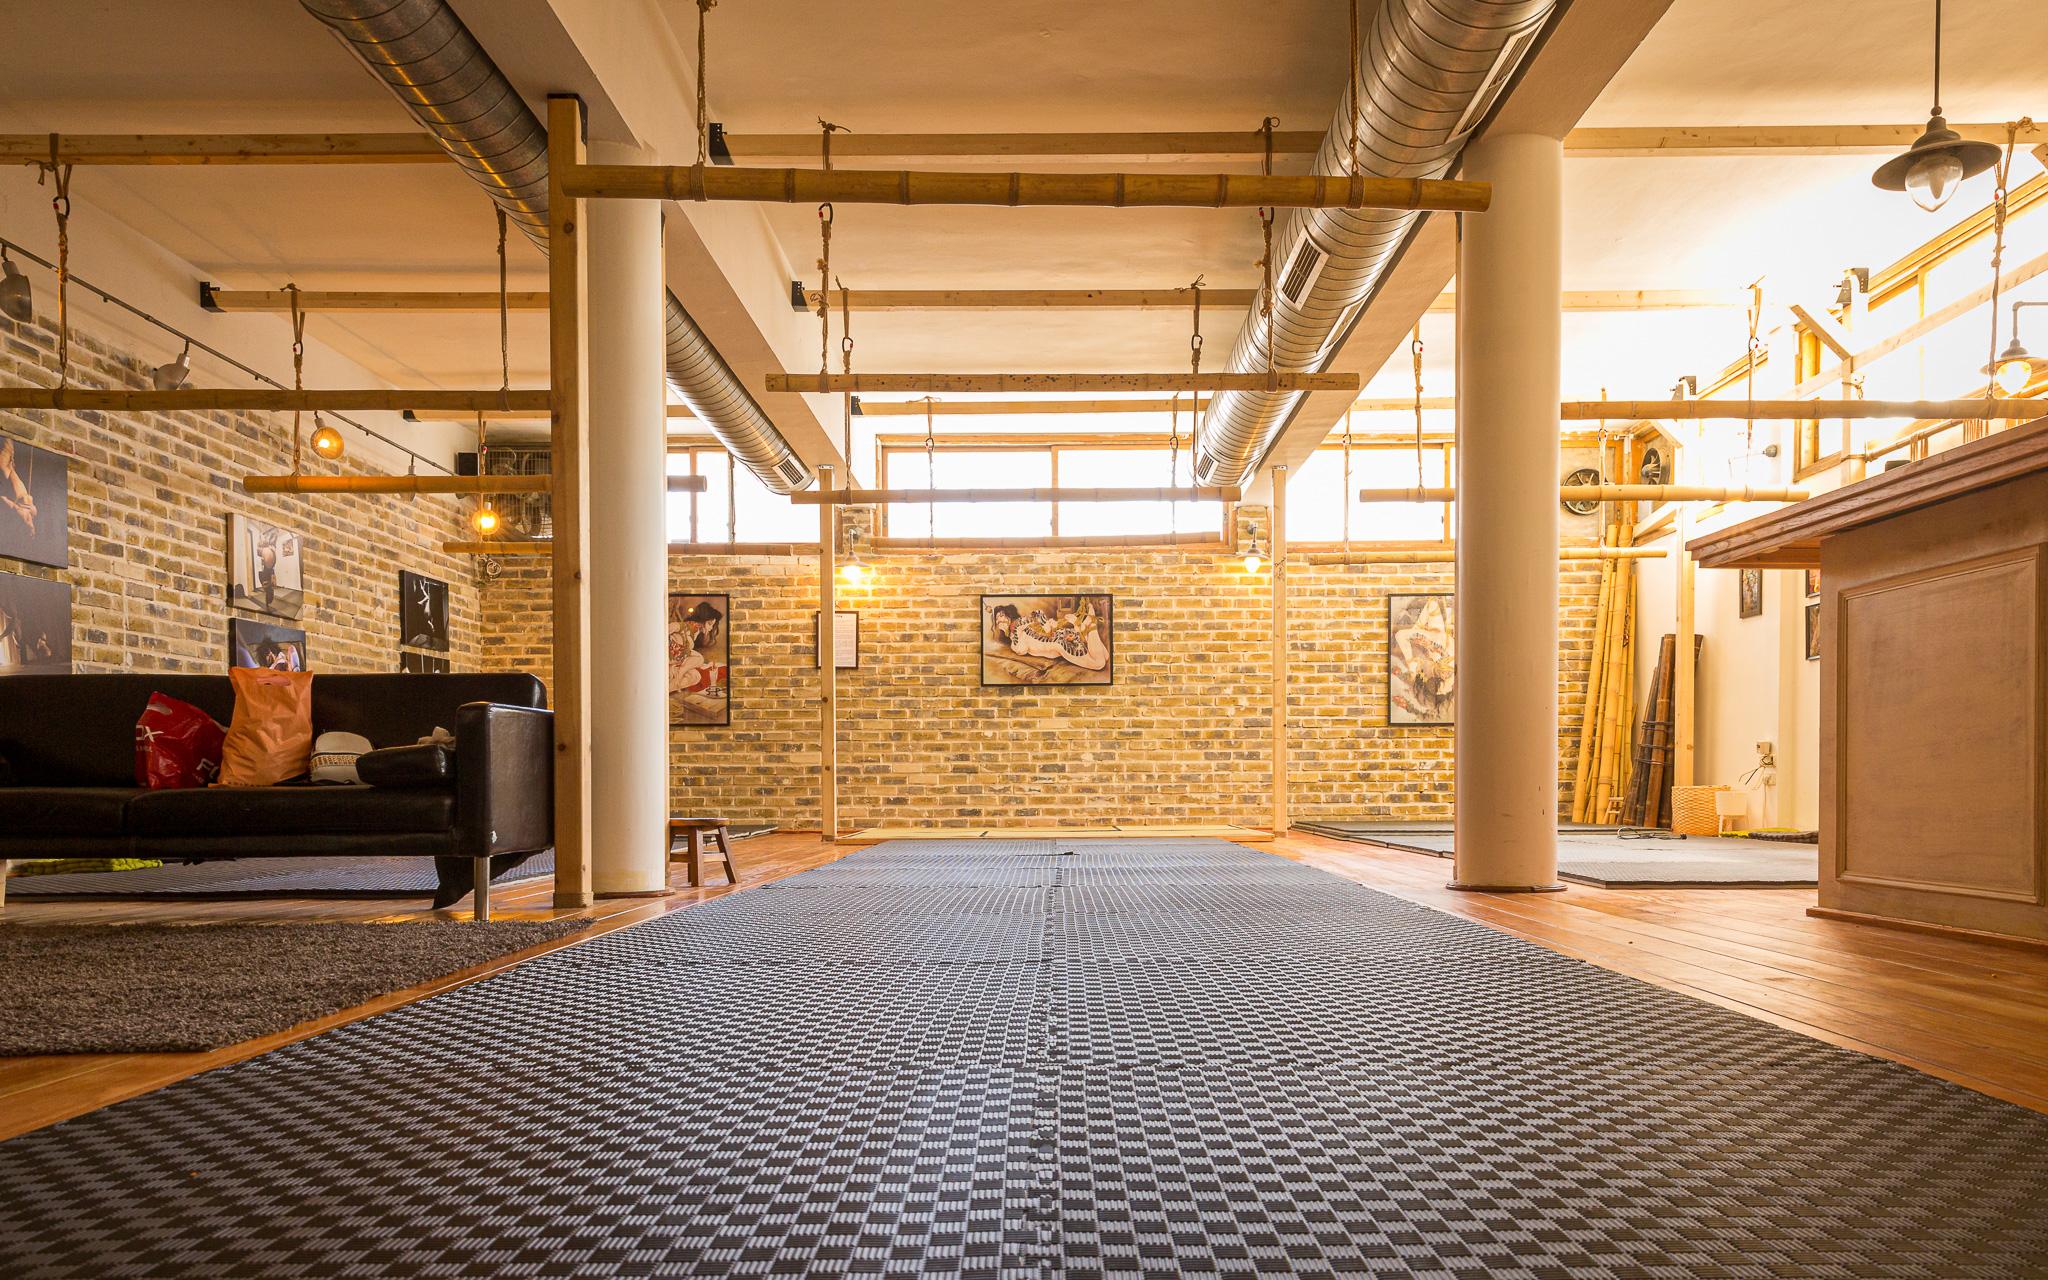 Morikai Studio image